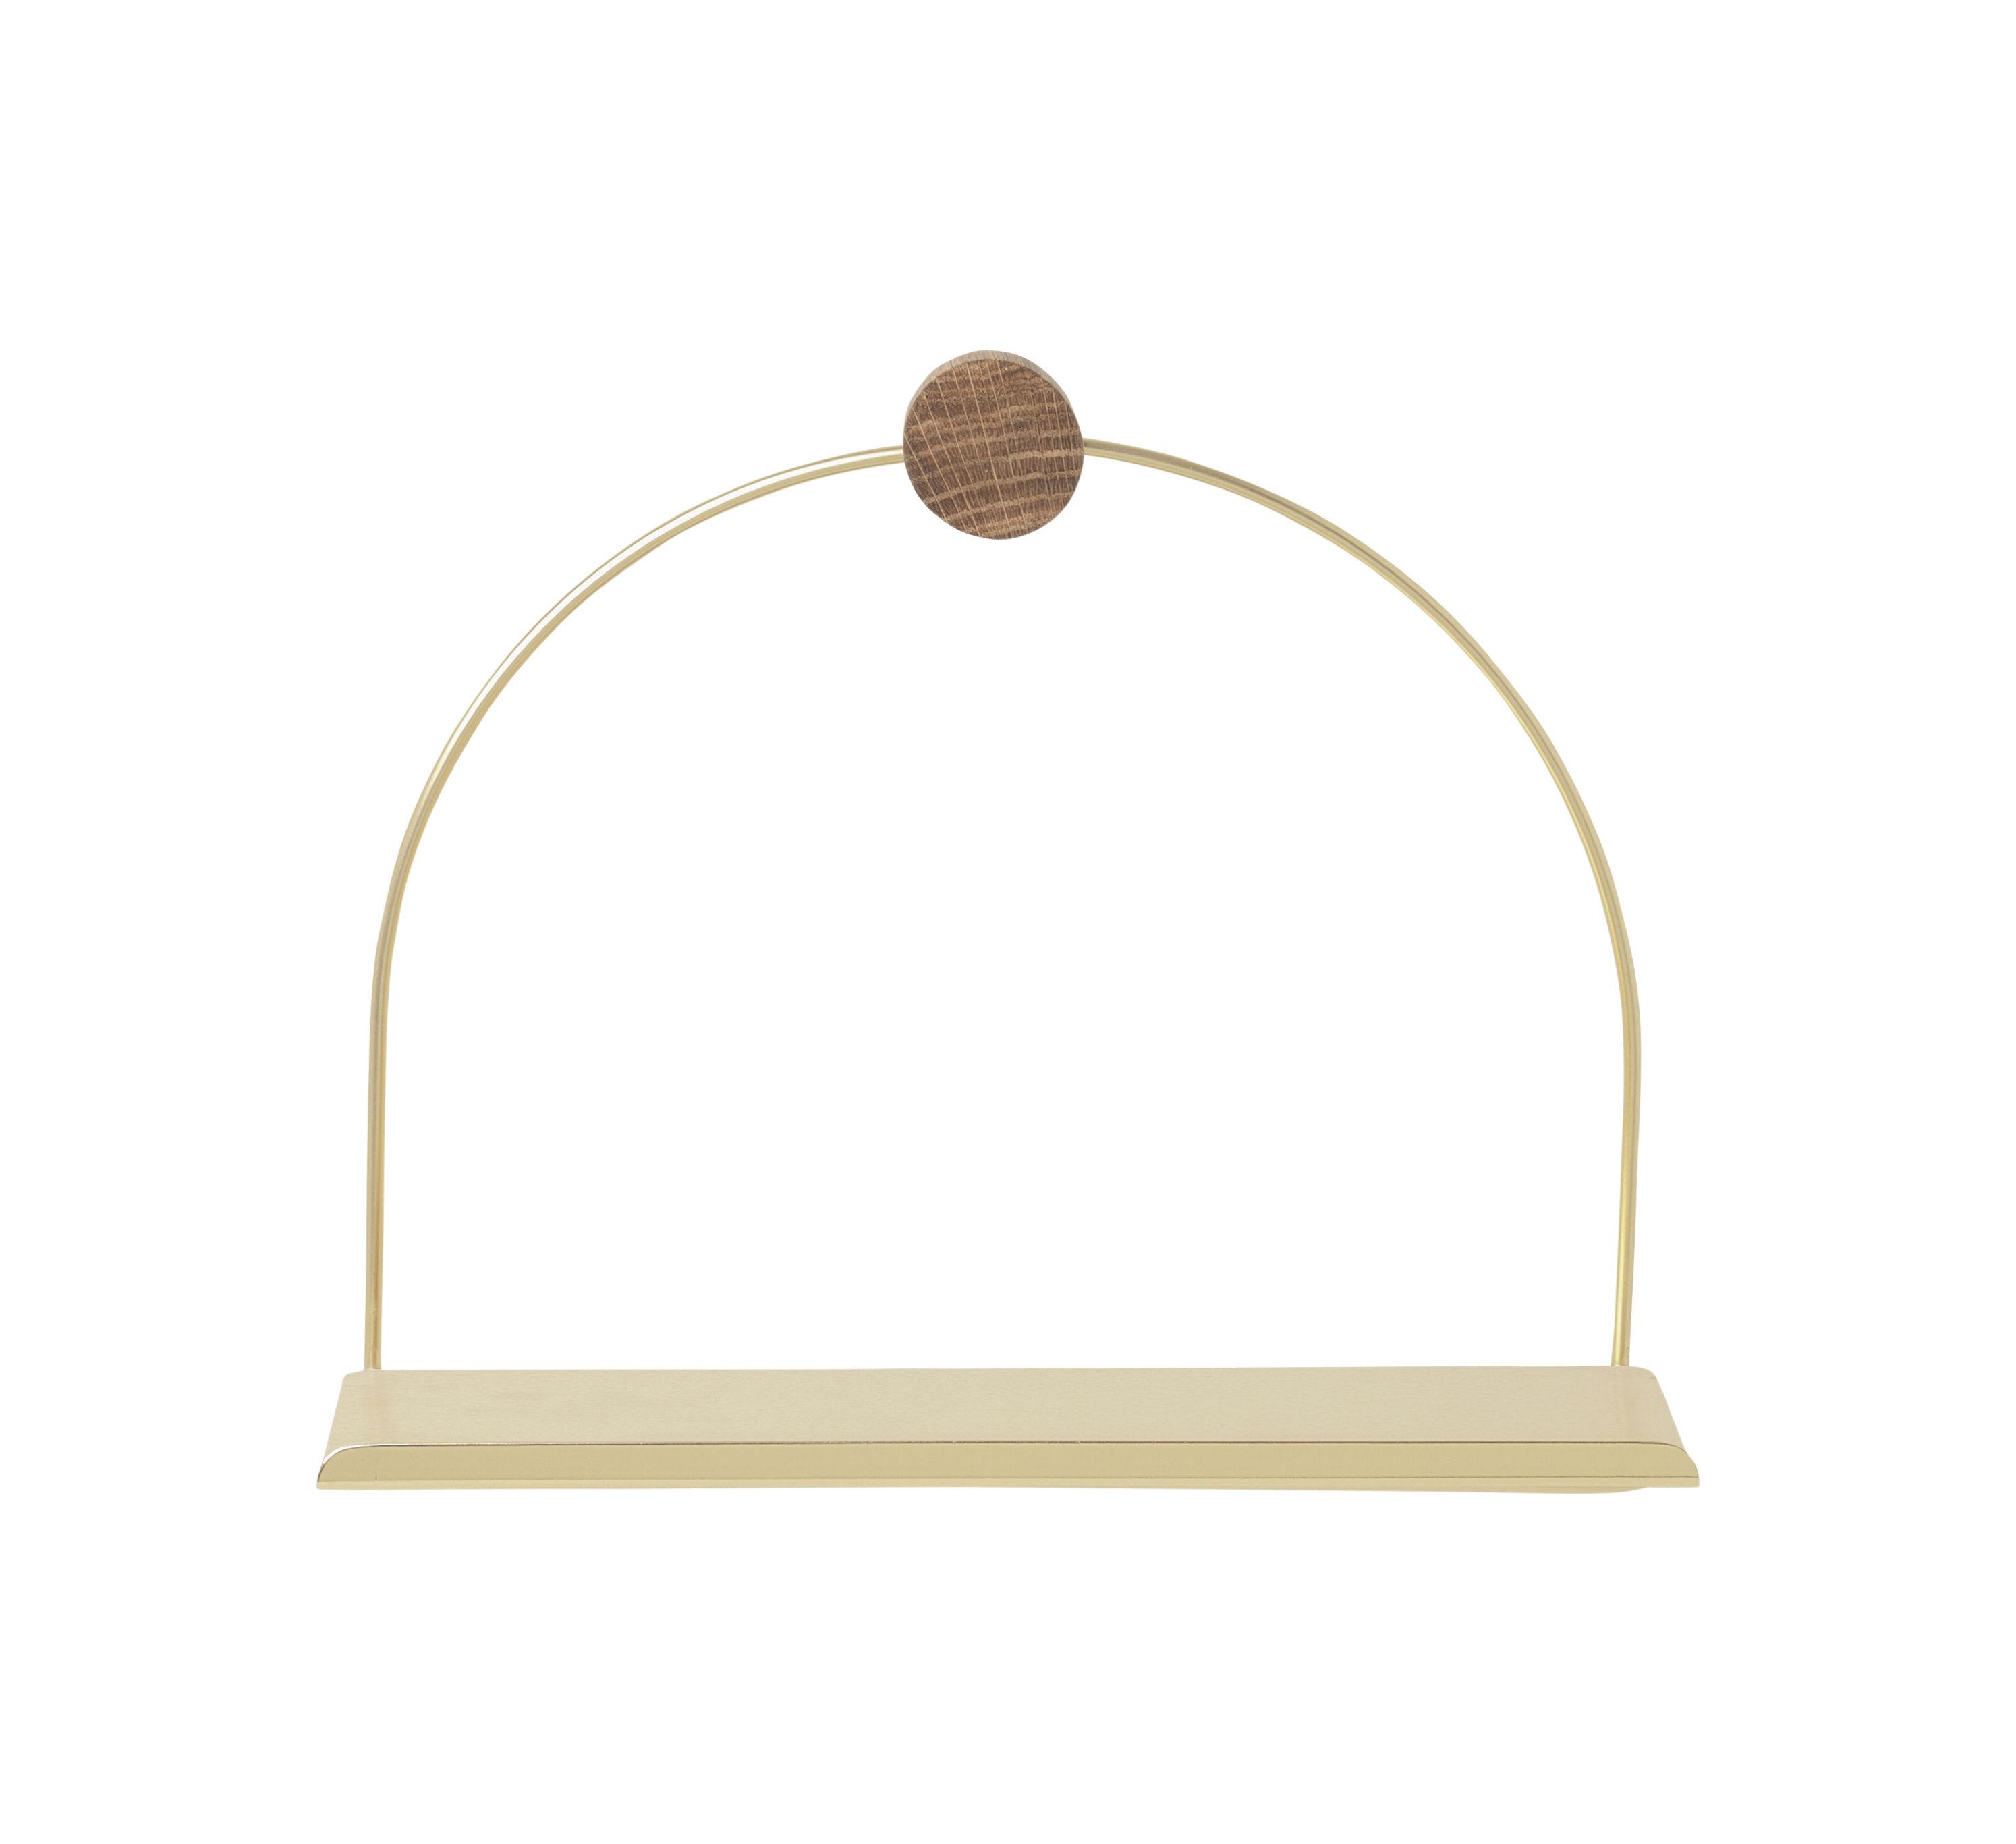 Möbel - Regale und Bücherregale - Brass Regal / L 26 cm x H 21 cm - Ferm Living - Messing / holzfarben - Eiche, Messing